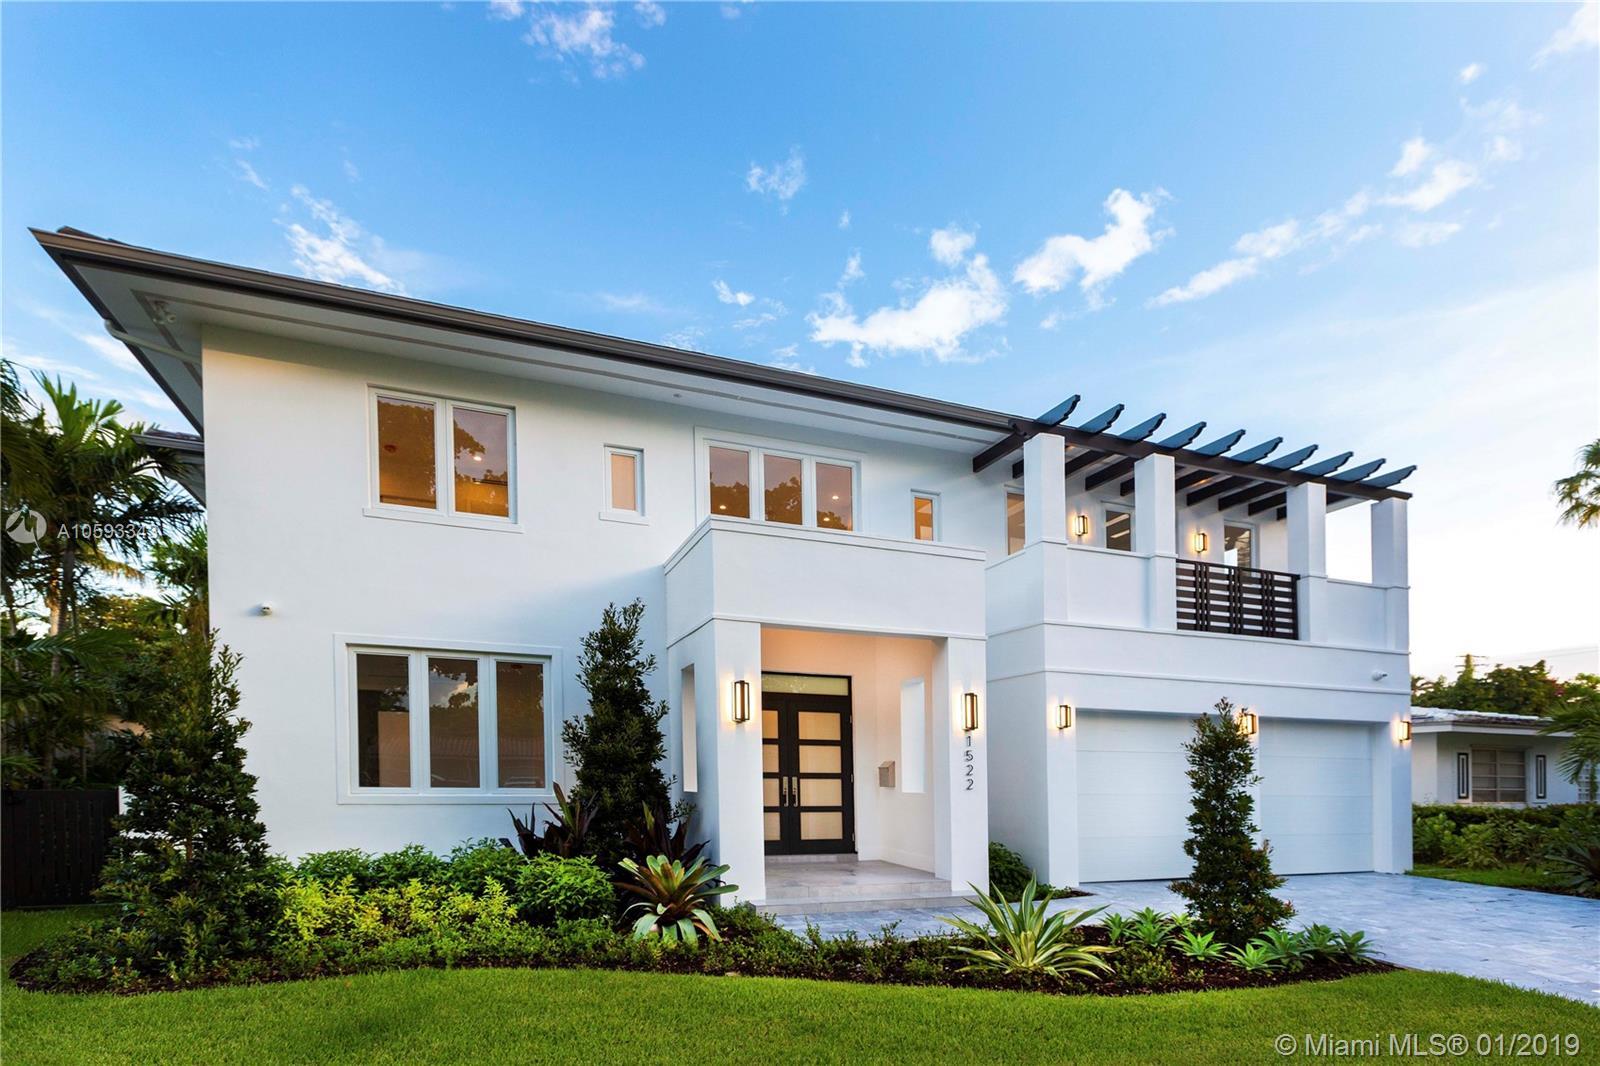 1522 Urbino Ave, Coral Gables, FL 33146